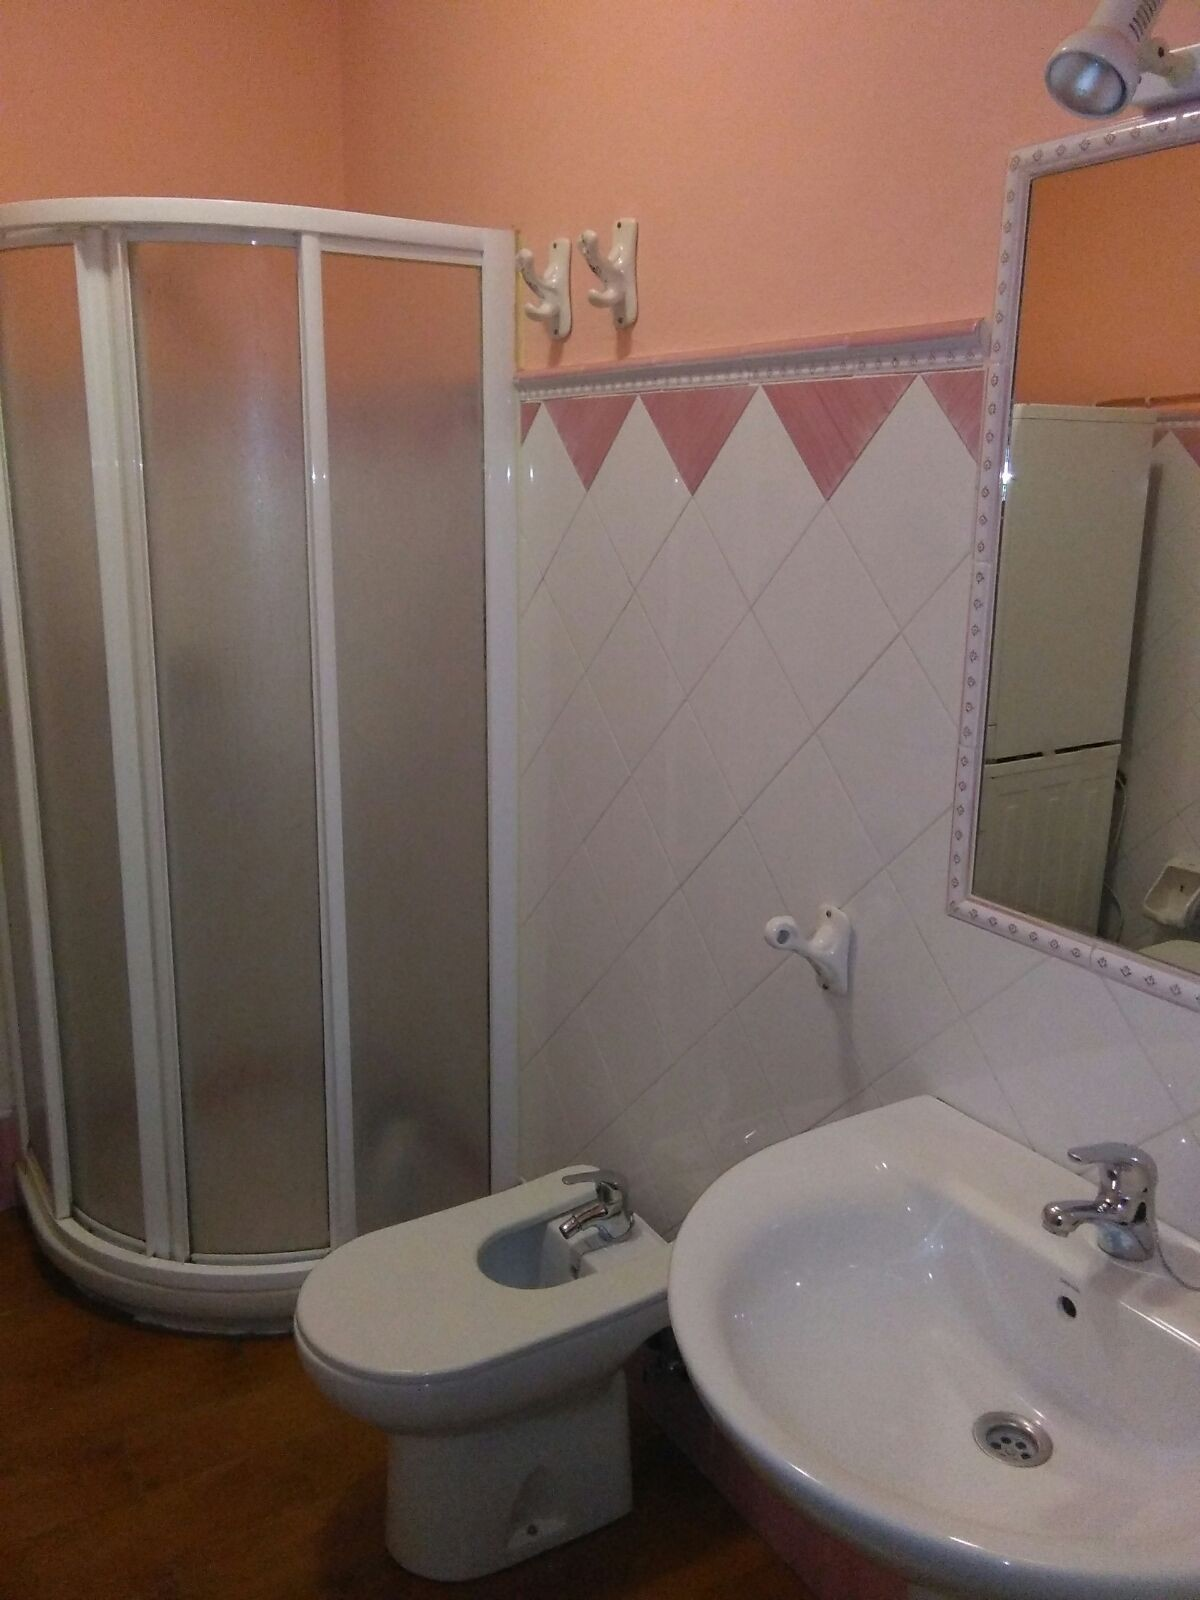 Compartir piso en los remedios alquiler habitaciones sevilla for Alquiler piso los remedios